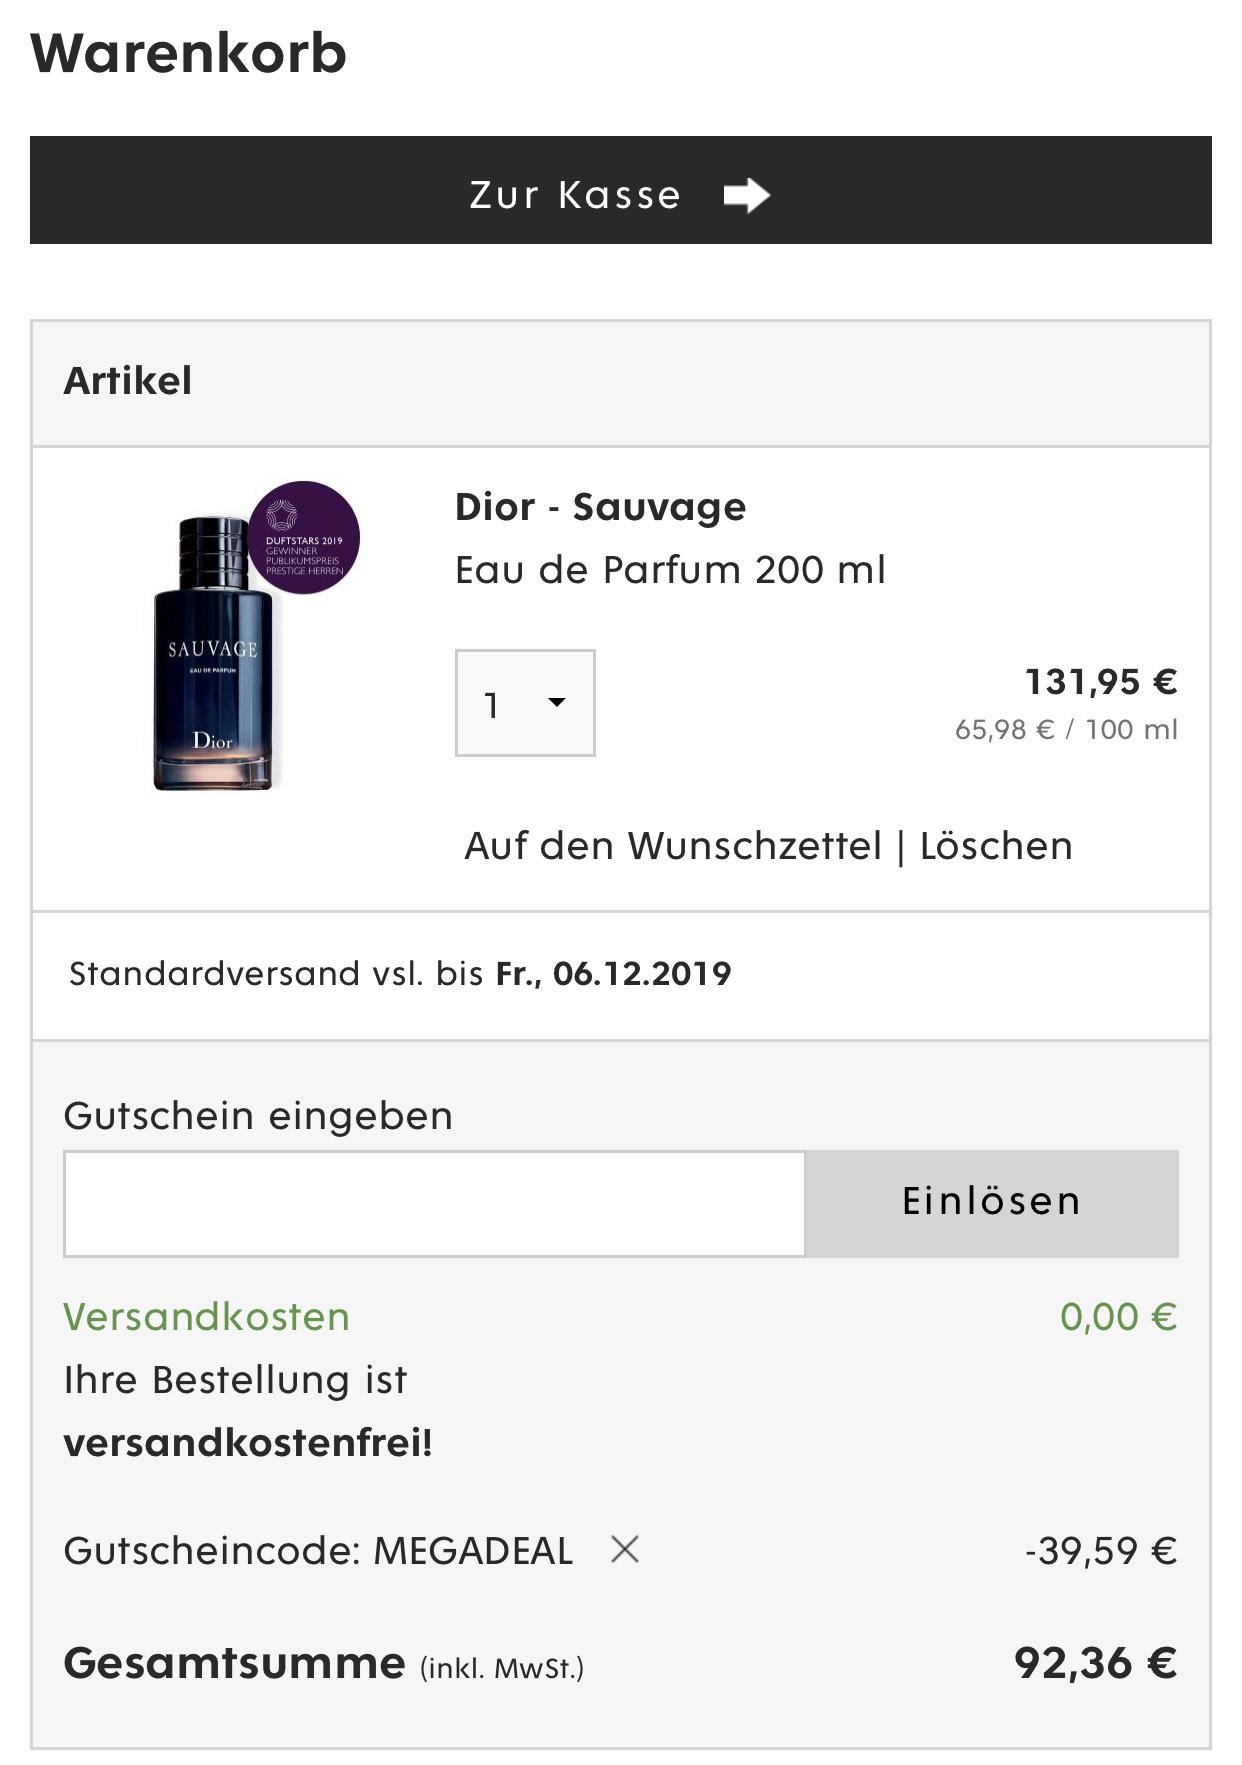 200 ML Dior Sauvage Eu de Parfum